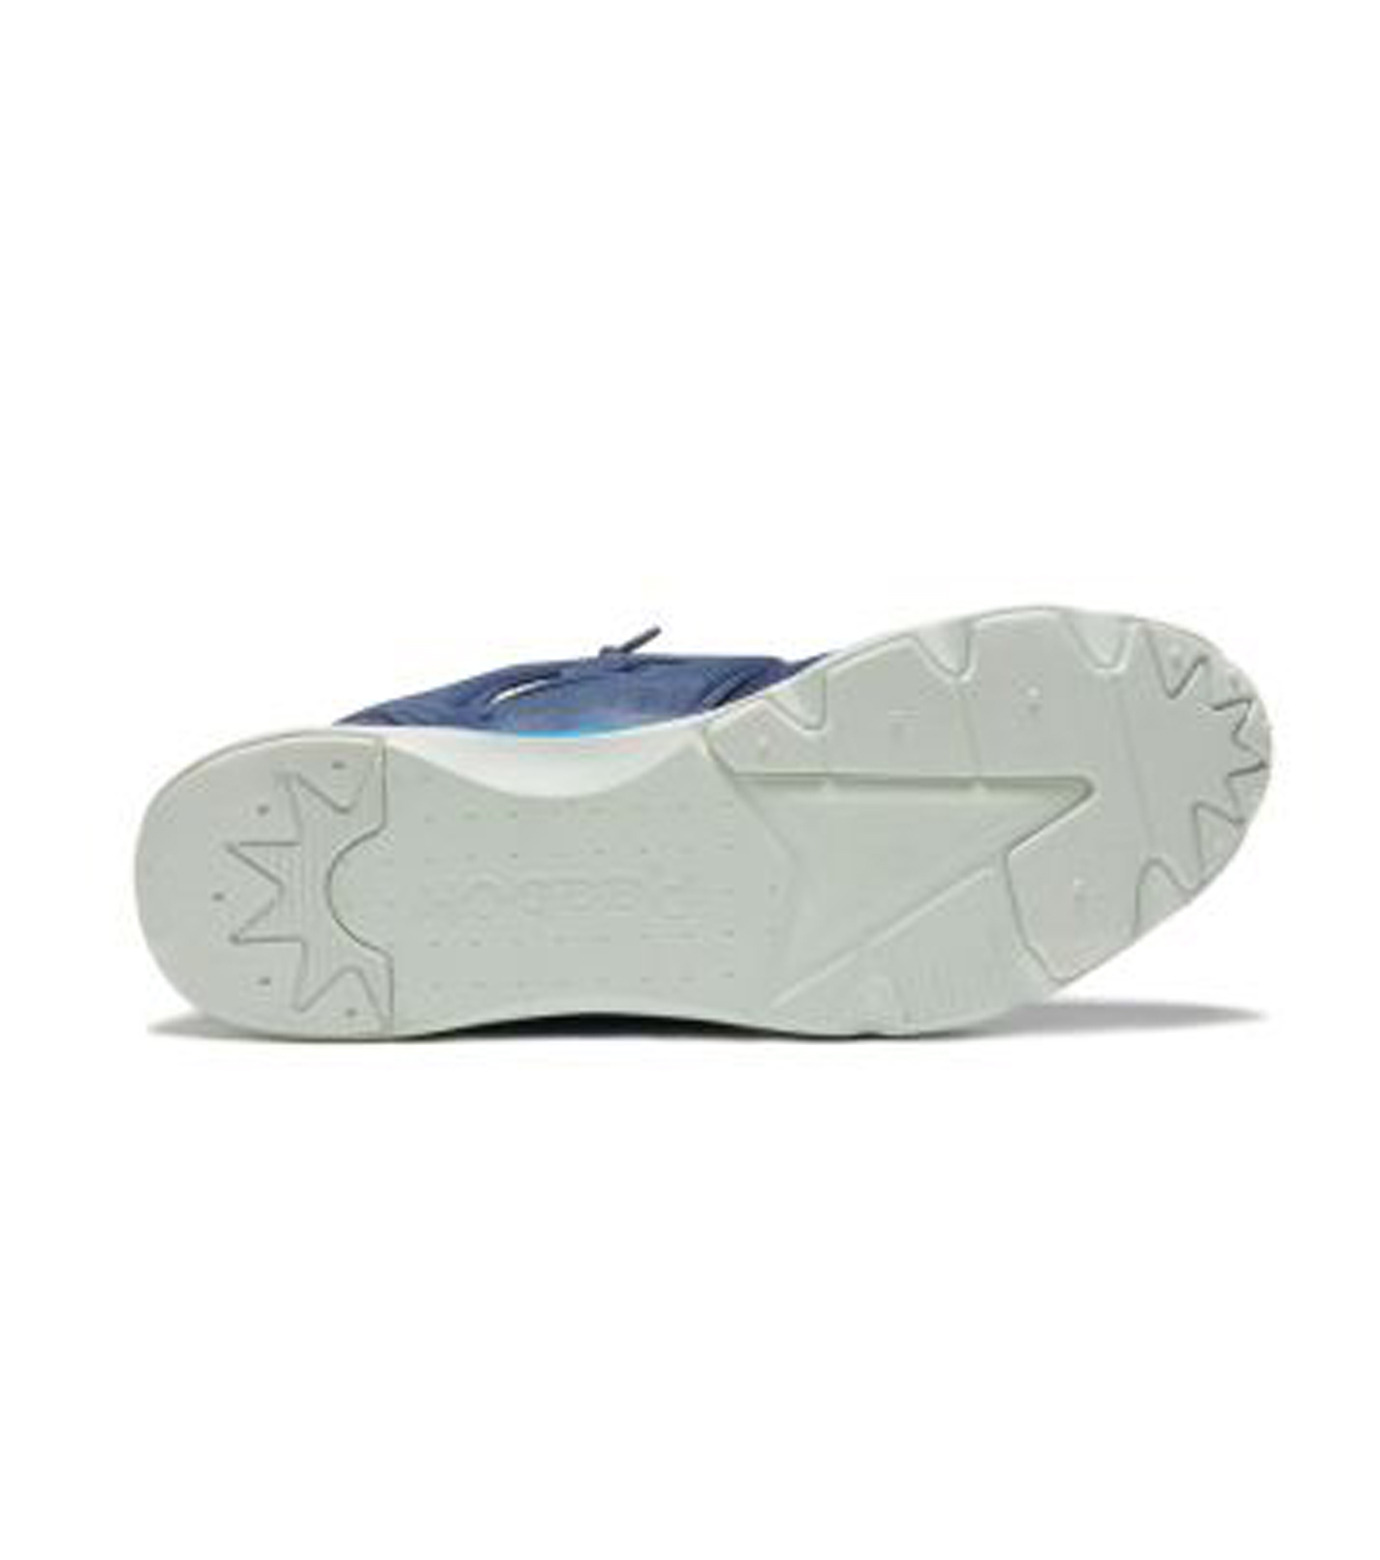 Reebok(リーボック)のFURYLITE TM-NAVY(シューズ/shoes)-V67731-93 拡大詳細画像2